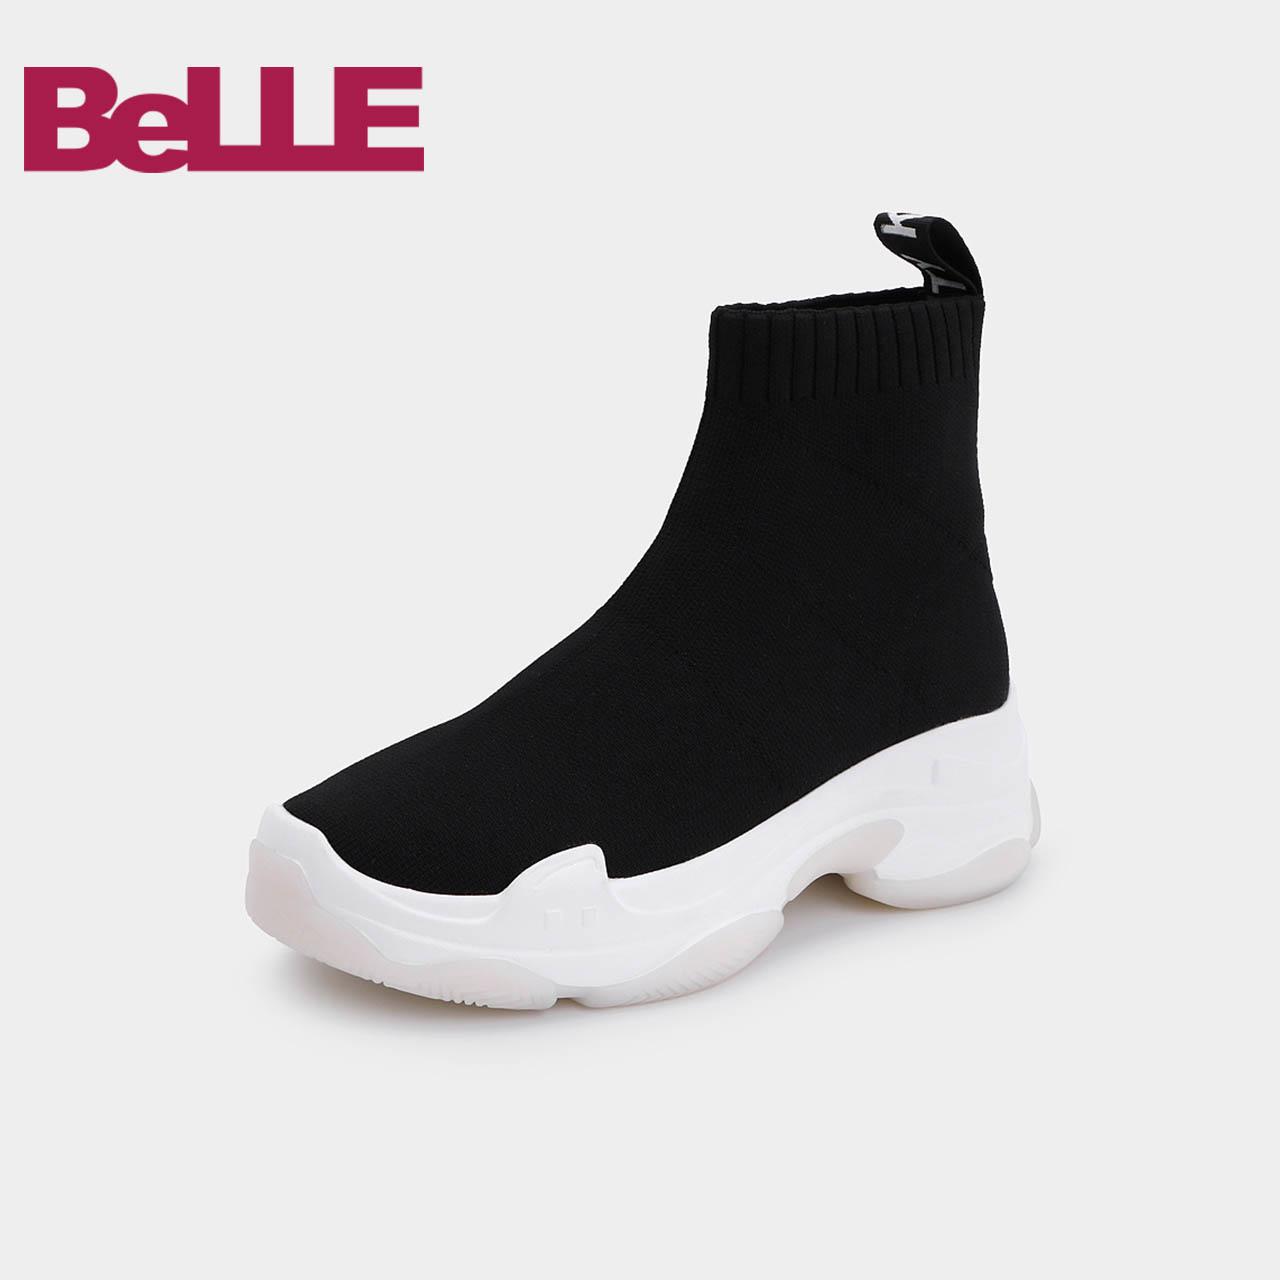 【淘宝预售】百丽袜靴厚底松糕运动风女休闲靴07181DD8